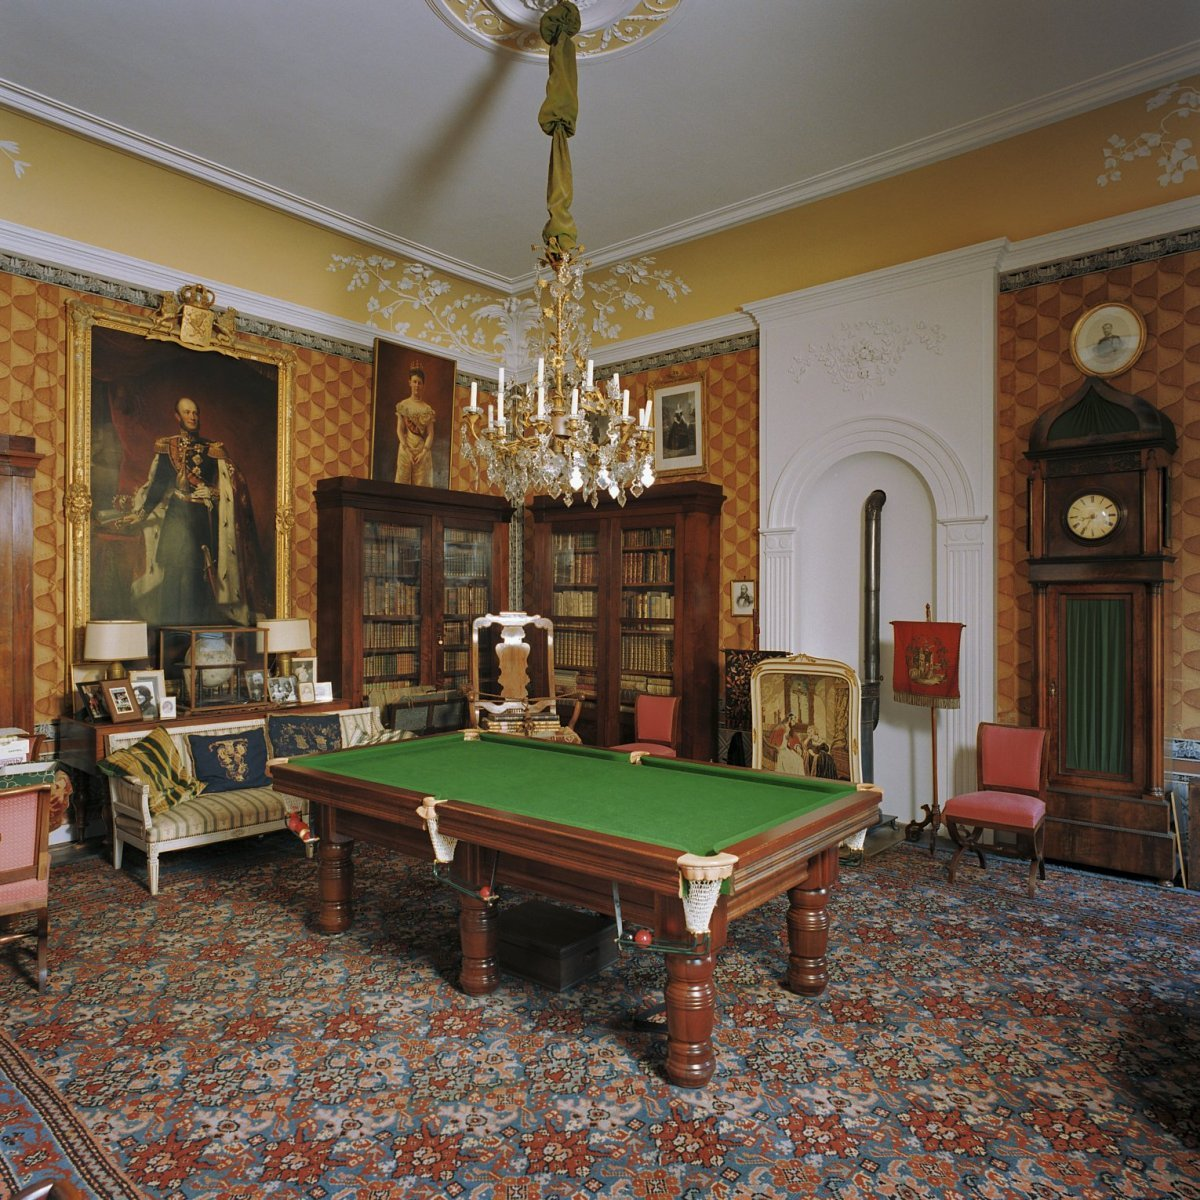 File:Interieur, biljartkamer met snookertafel in historische ...